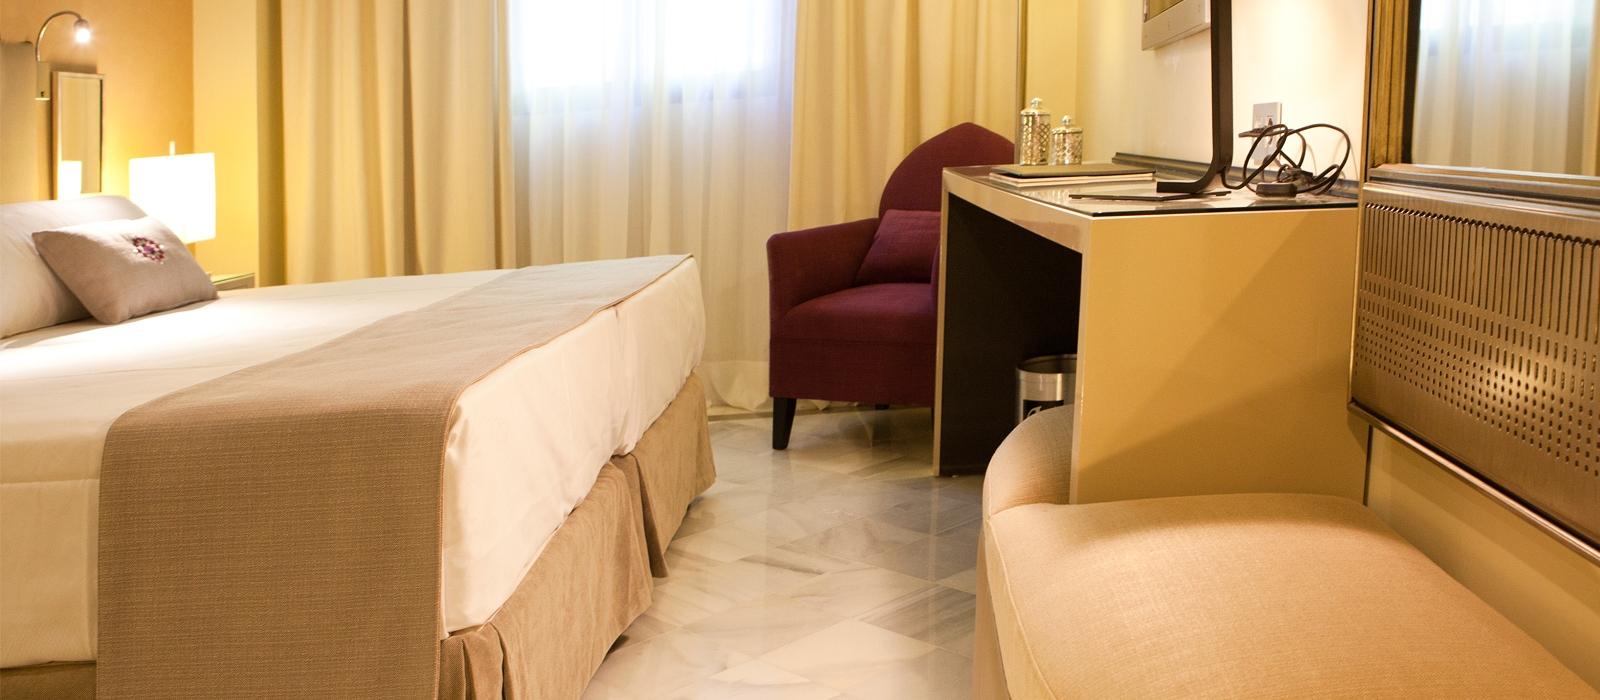 Hotel Vincci Granada Albayzín - Habitaciones Dobles para Minusválidos